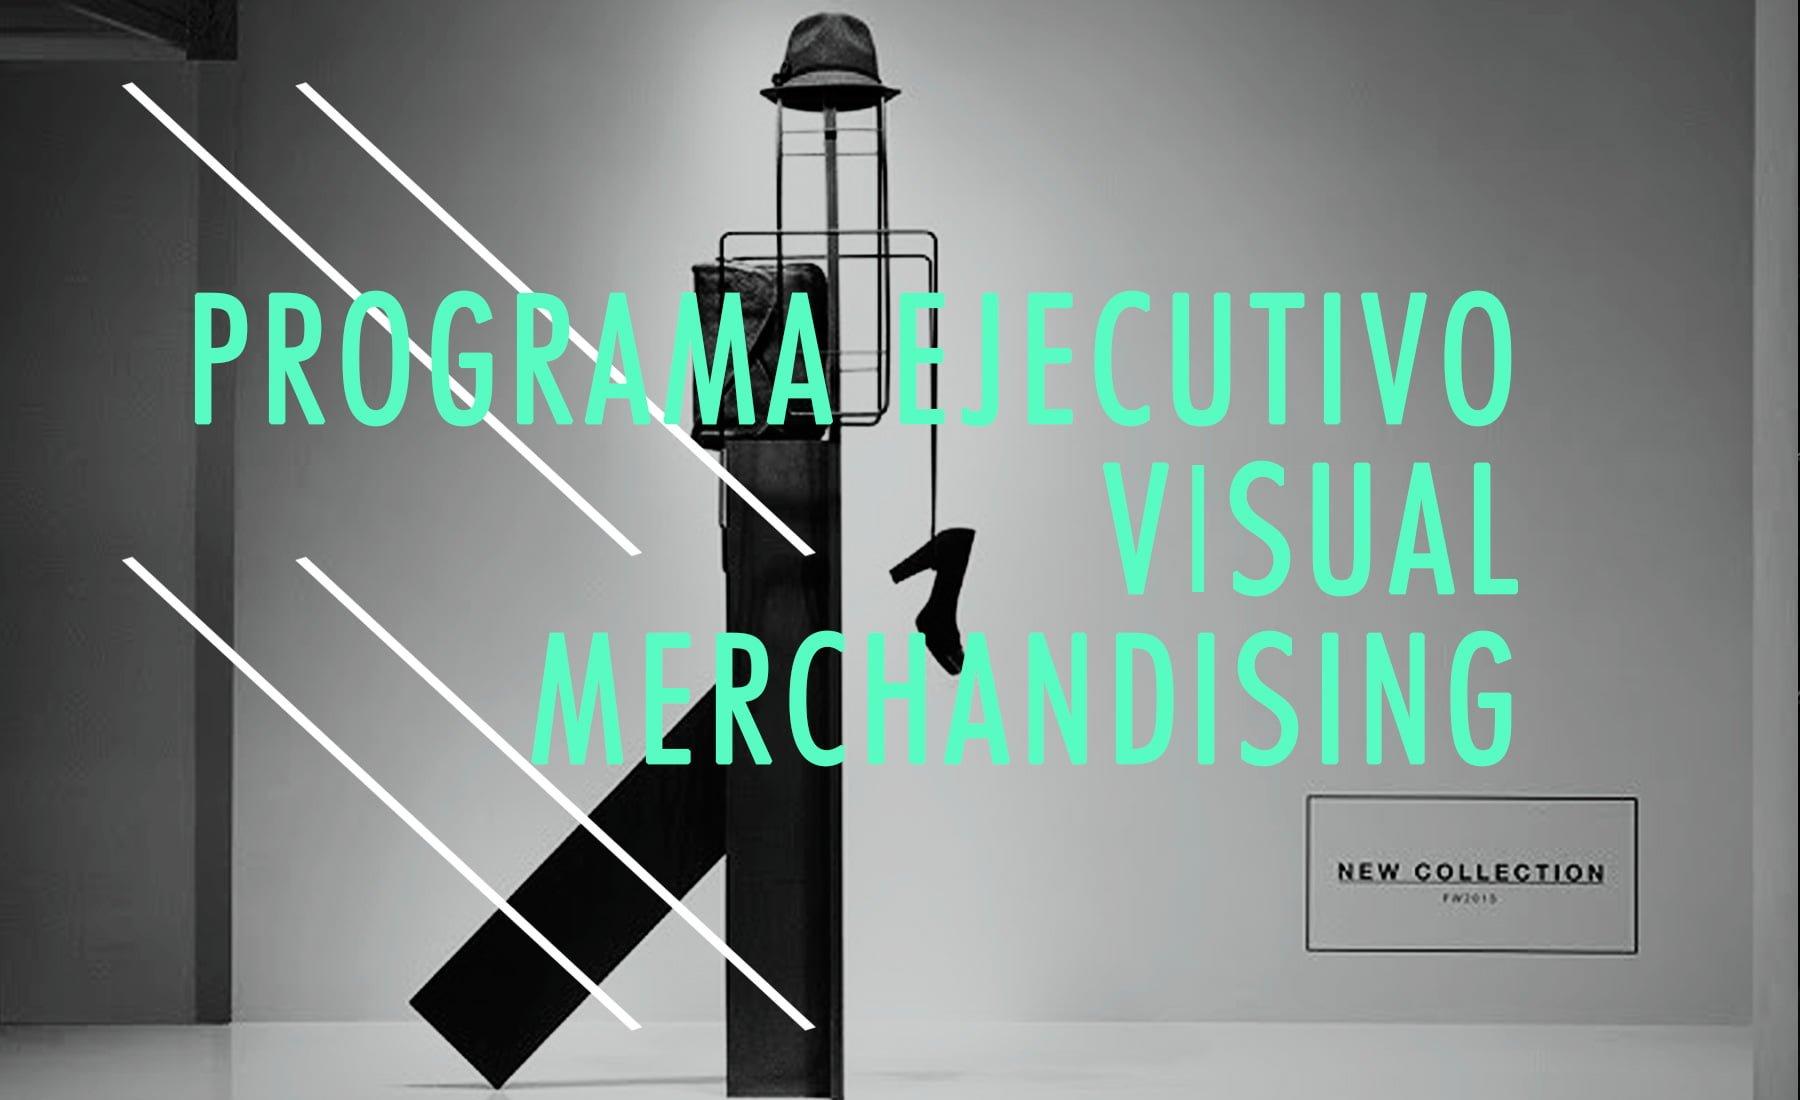 Programa Ejecutivo de Visual Mechandising. Universidad del Cema. (Presencial)